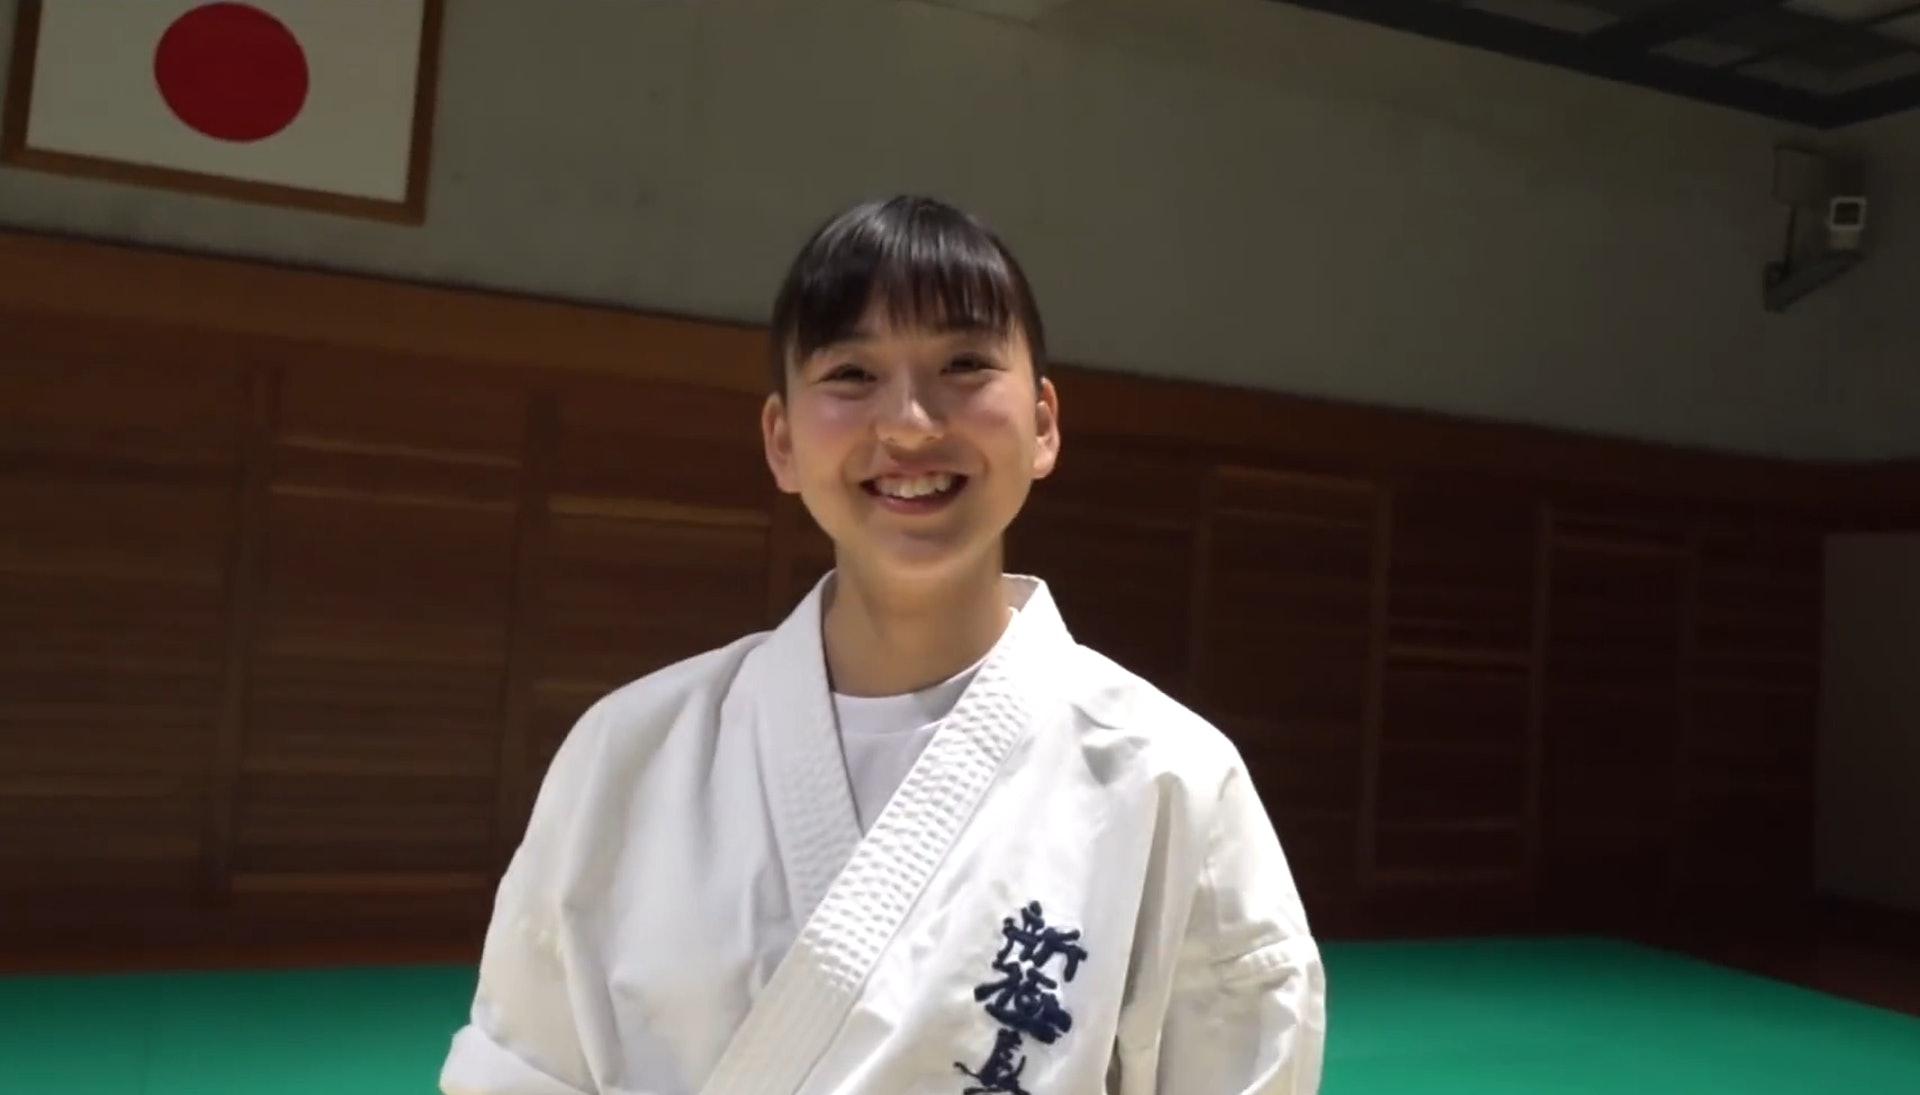 日本17岁少女爆红,金钟罩钢铁腹肌壮汉打不动,擅长巴西蹴绝技